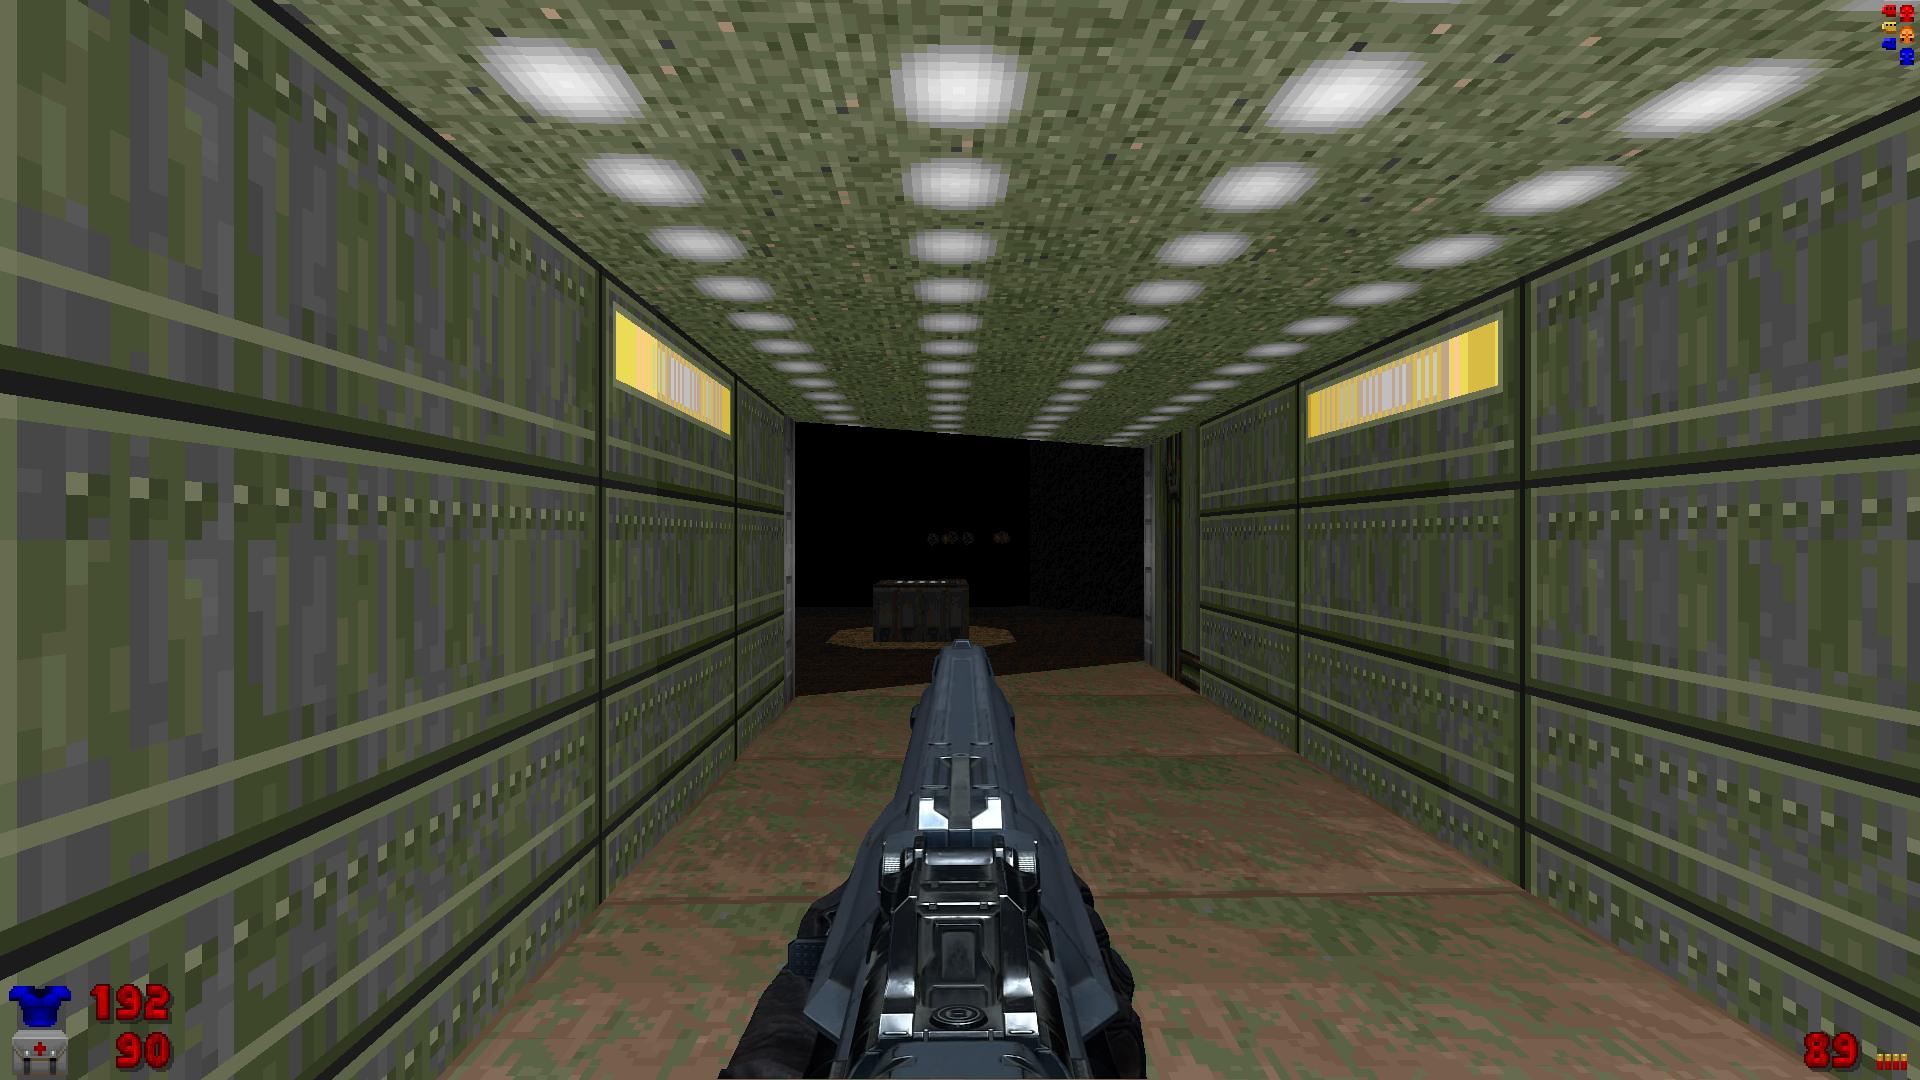 Screenshot_Doom_20200412_203840.png.4175f353af8913622ec7d7bed3261e8d.png